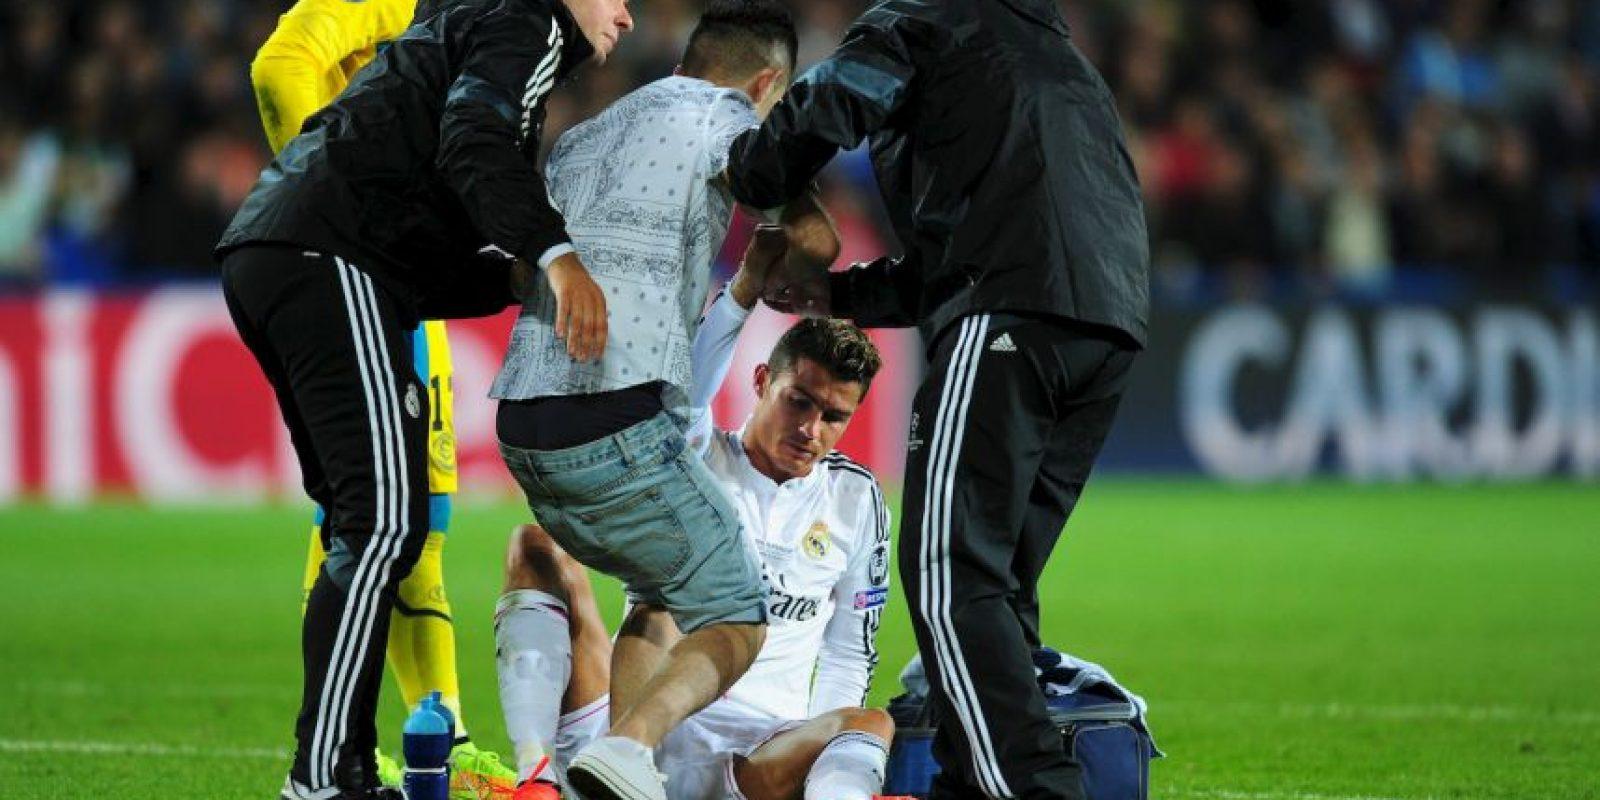 También ha protagonizado episodios polémicos, como hace unas semanas que casi atropella a un hincha que intentó detenerlo a su salida de la Ciudad Deportiva del Real Madrid, mostrándole una bandera de Portugal. Foto:Getty Images